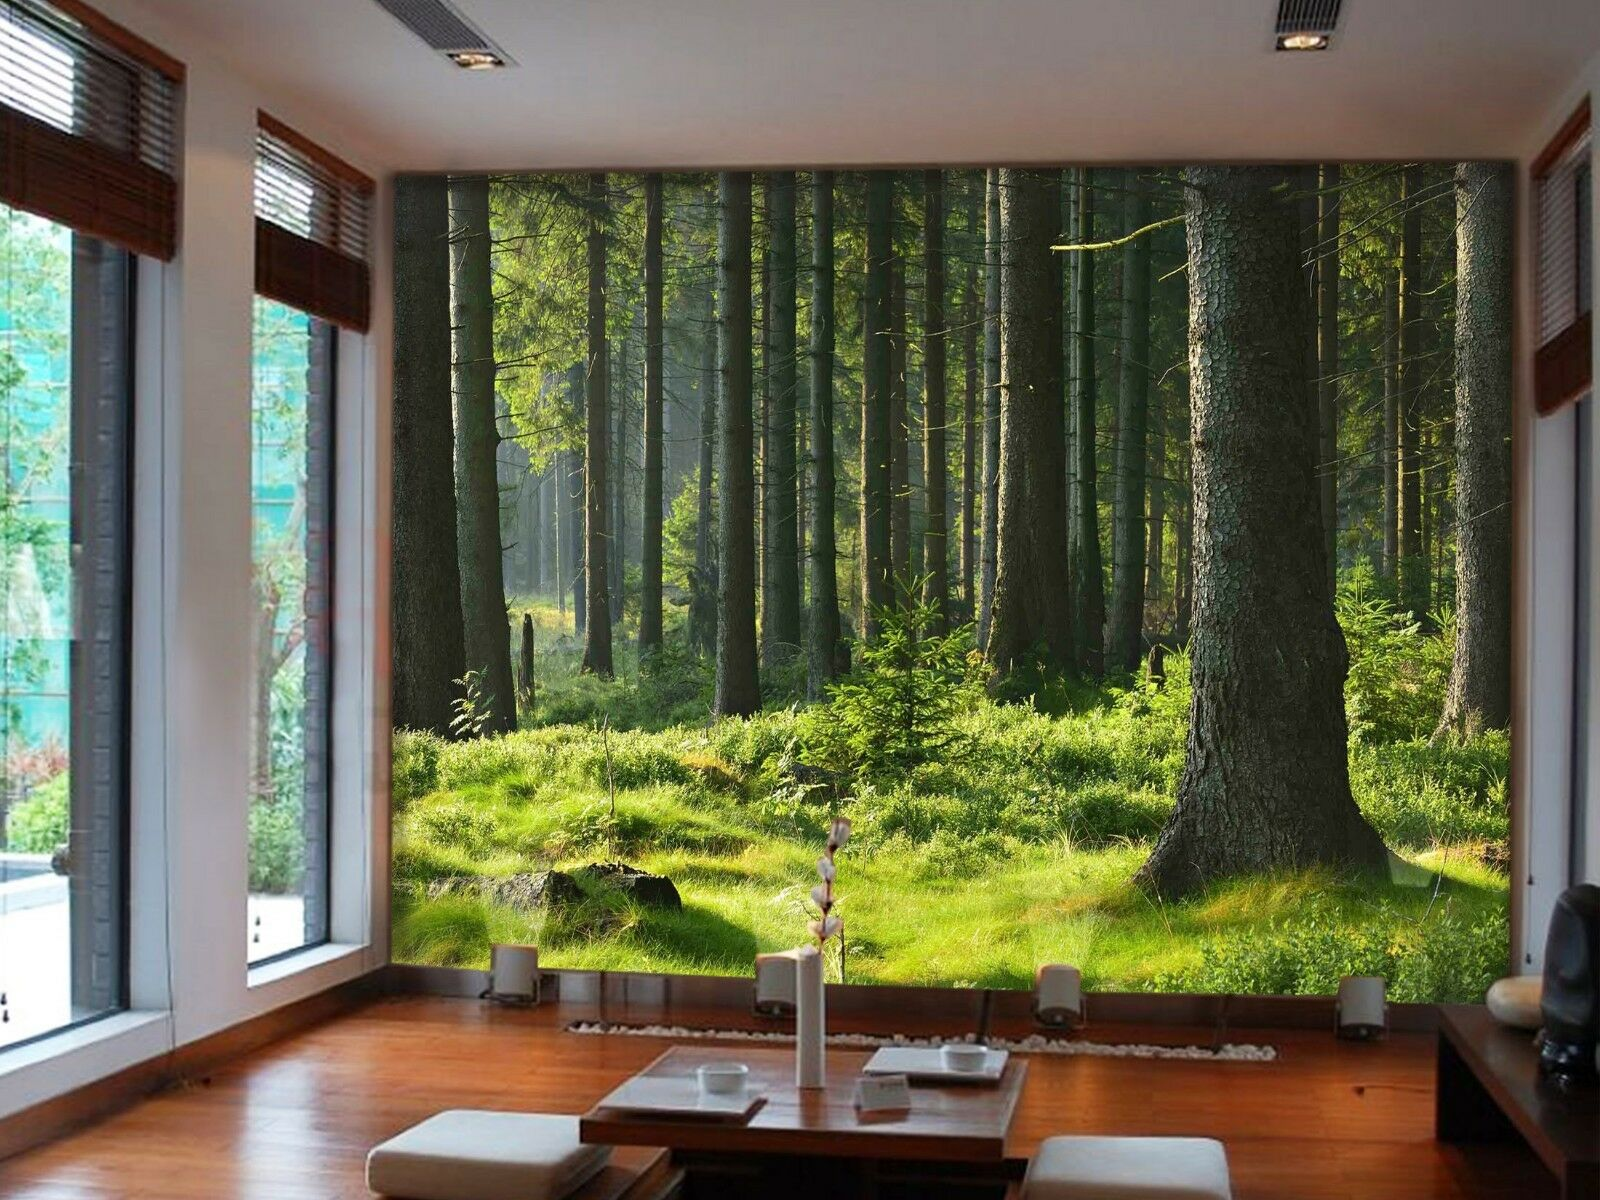 3D Forest Lawn 7143 Wallpaper Mural Wall Print Wall Wallpaper Murals US Lemon